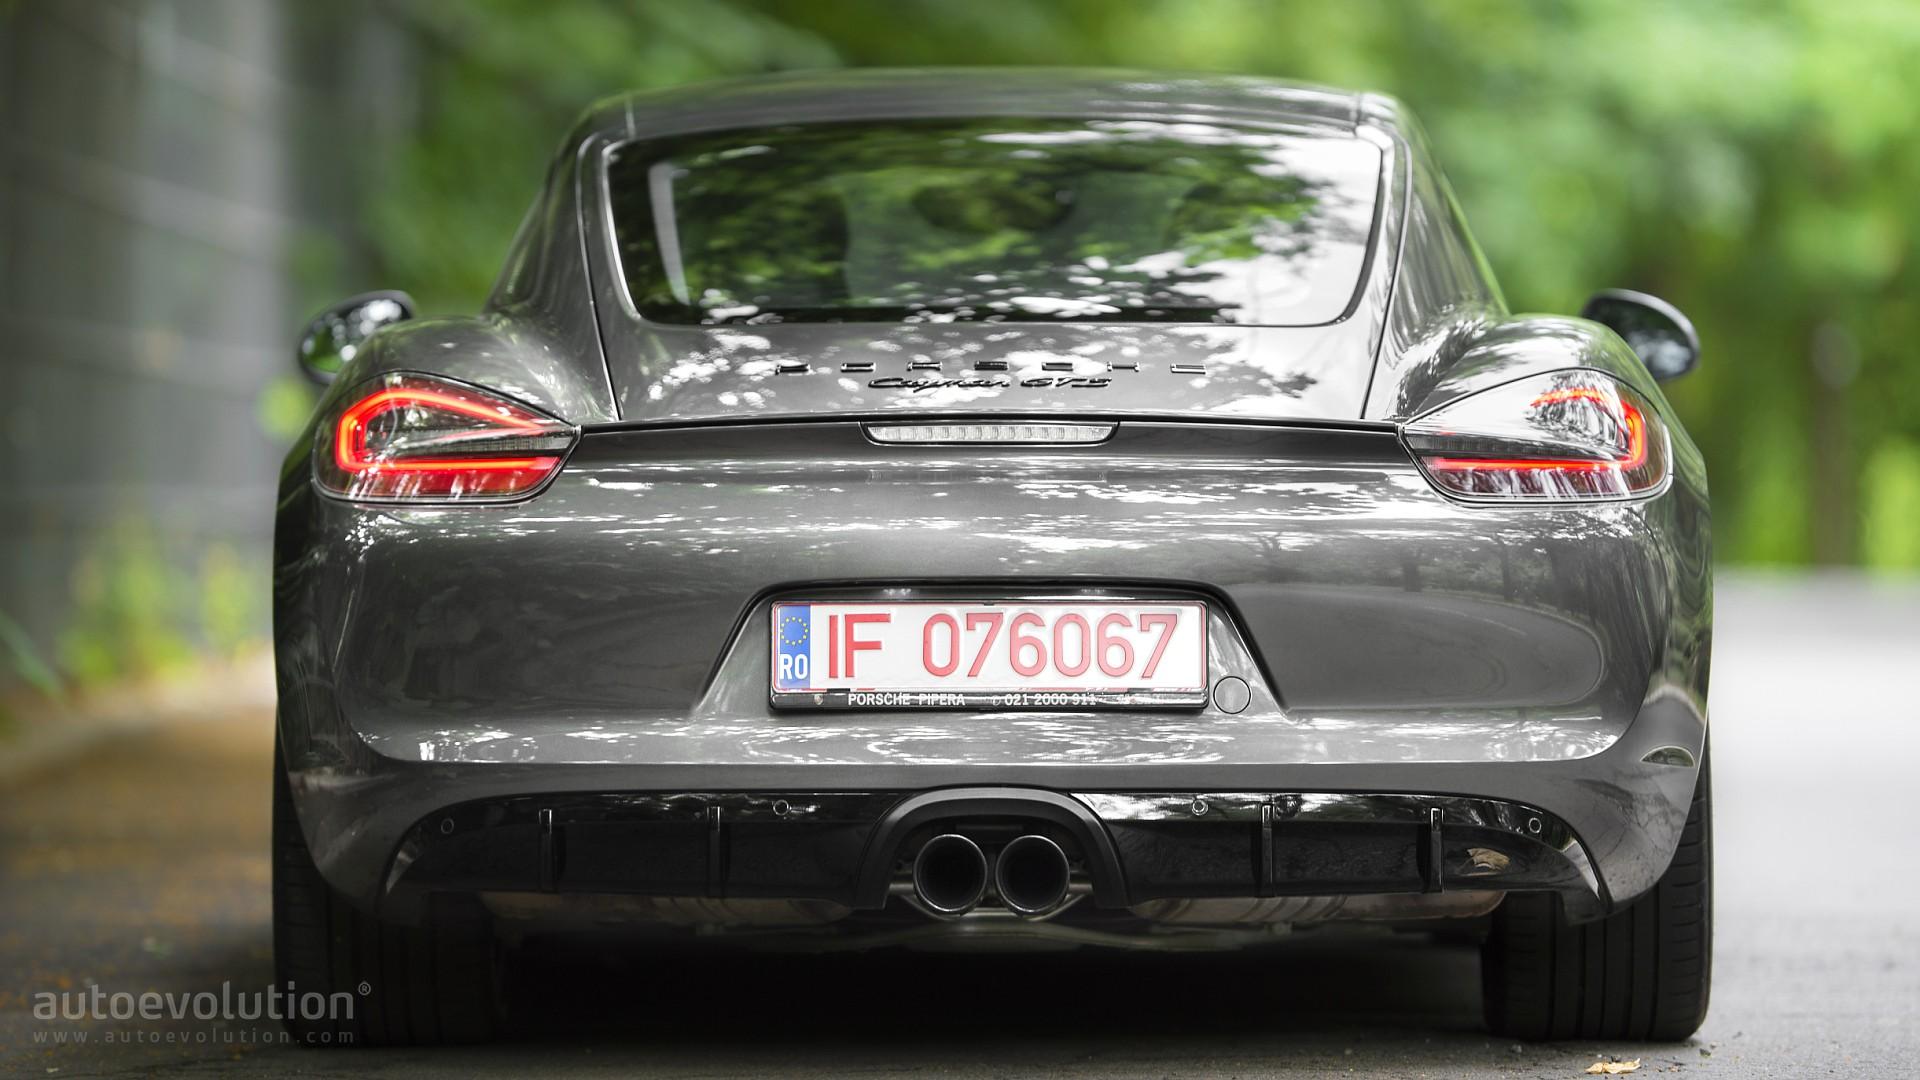 2015 porsche cayman gts review - autoevolution